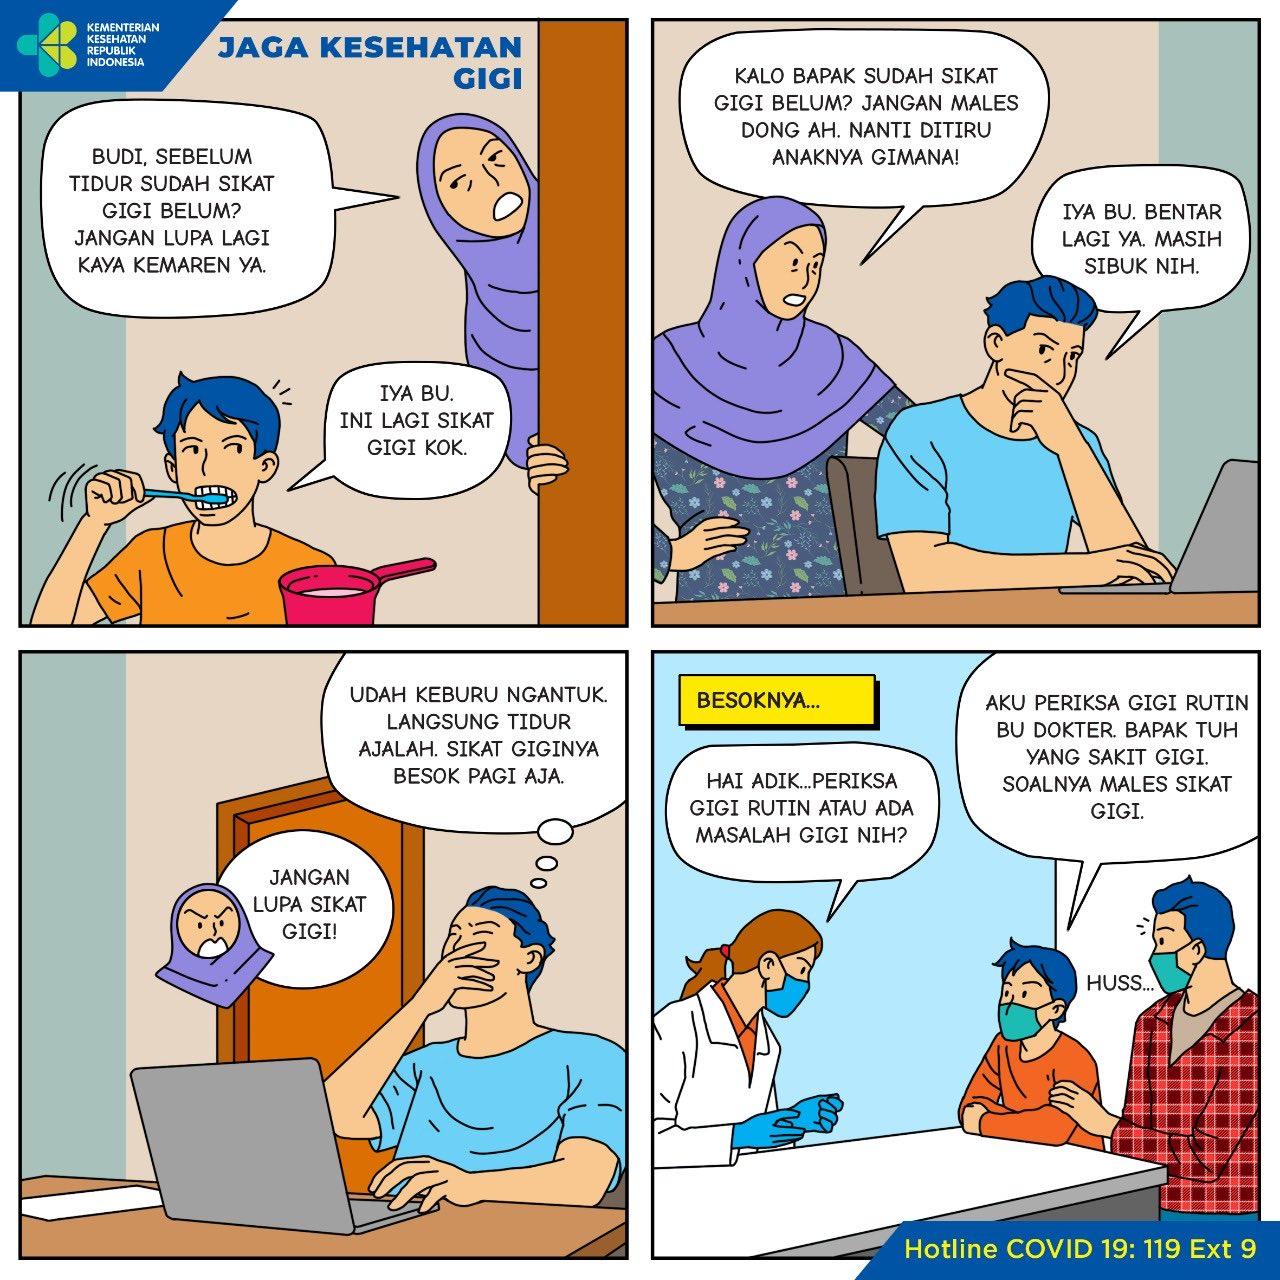 Jaga Kesehatan Gigi